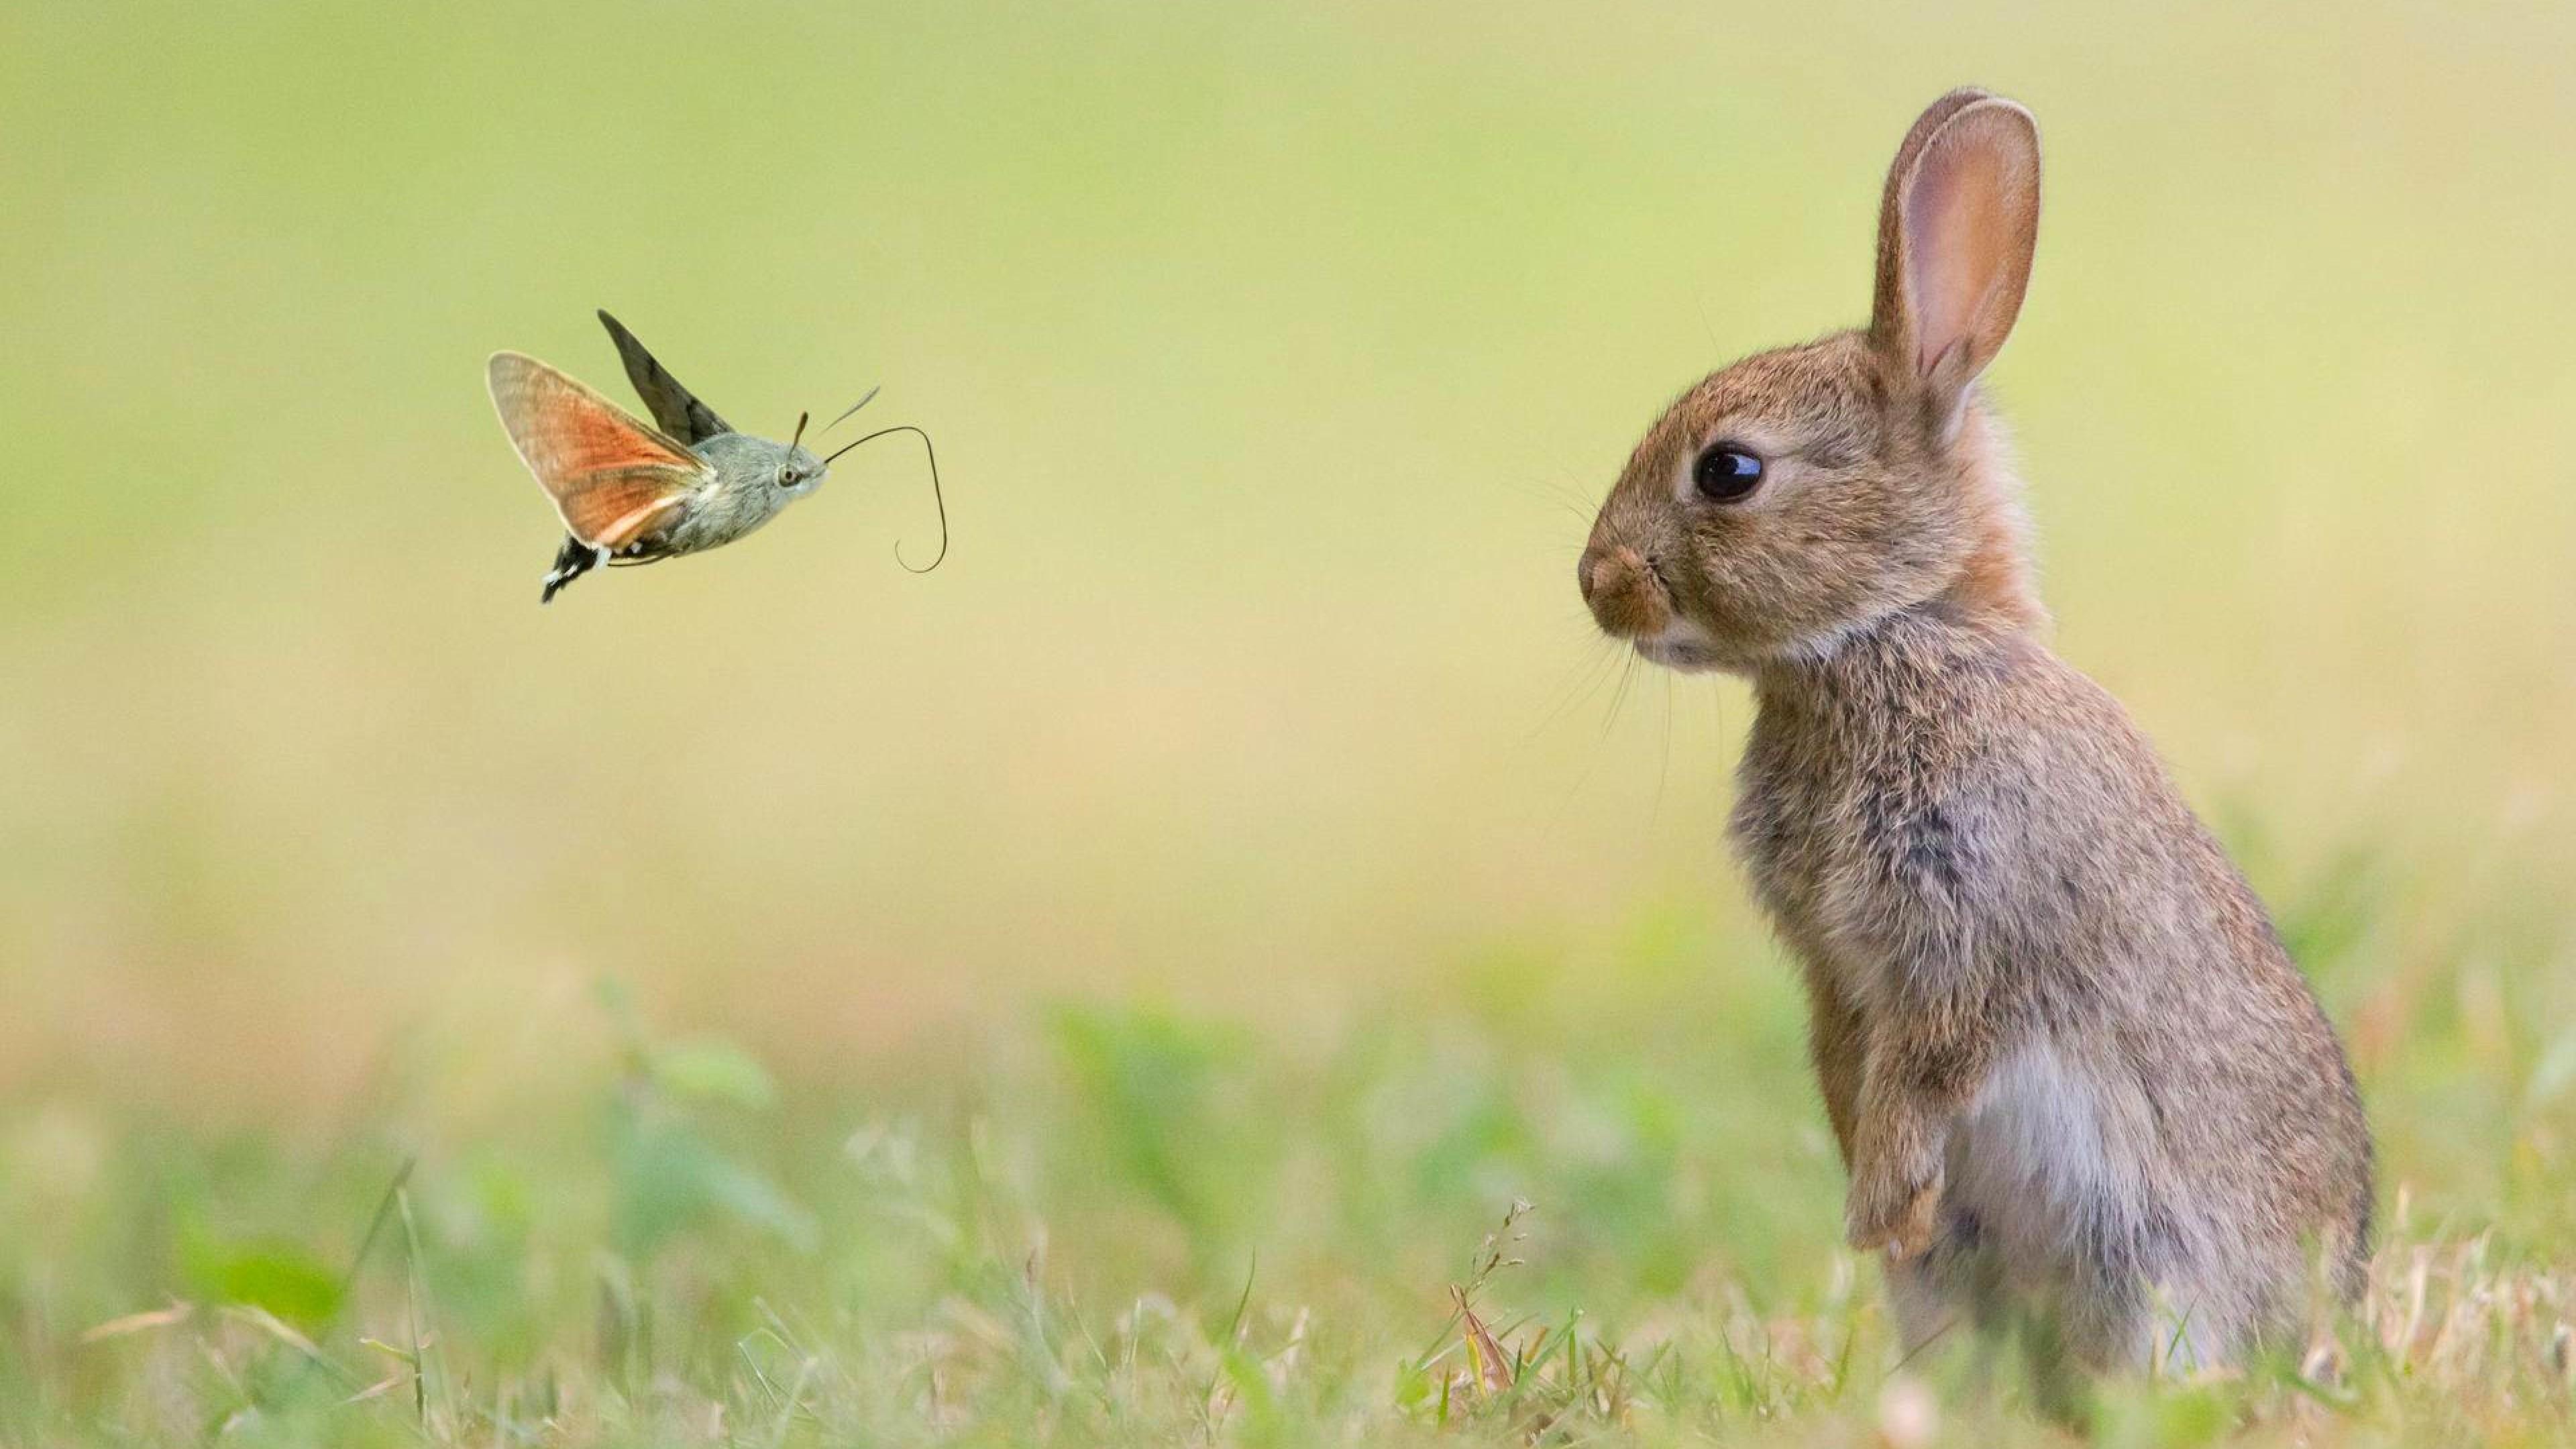 Girls Heart Wallpaper Wallpaper Rabbit Cute Animals Butterfly 4k Animals 15980